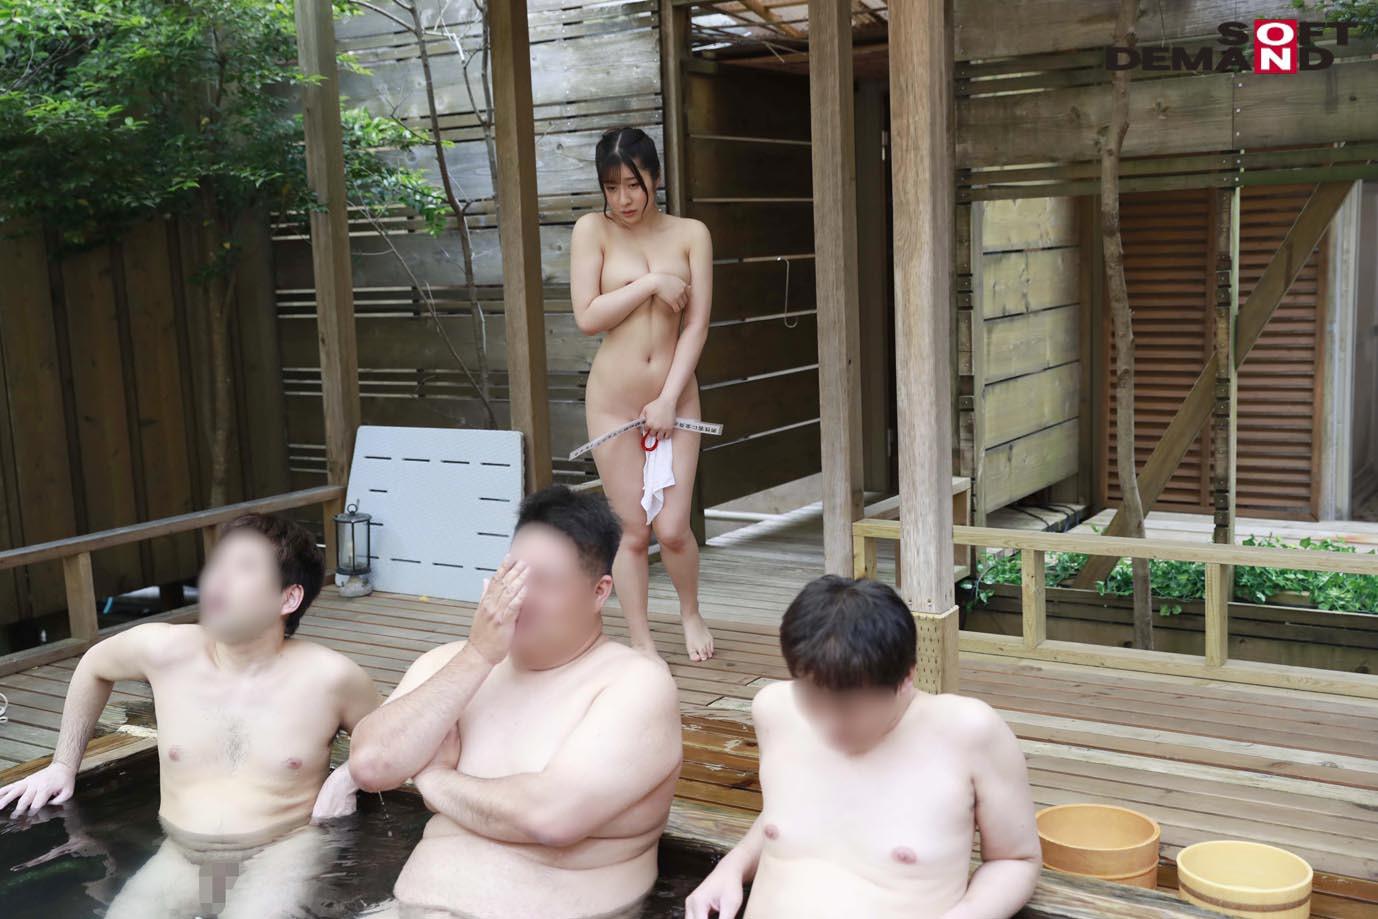 完全撮りおろし!激カワ素人が「男性客の大事な部分に口だけで輪投げをする」に挑戦! さらさん 推定Fカップ タオル一枚 男湯入ってみませんか?